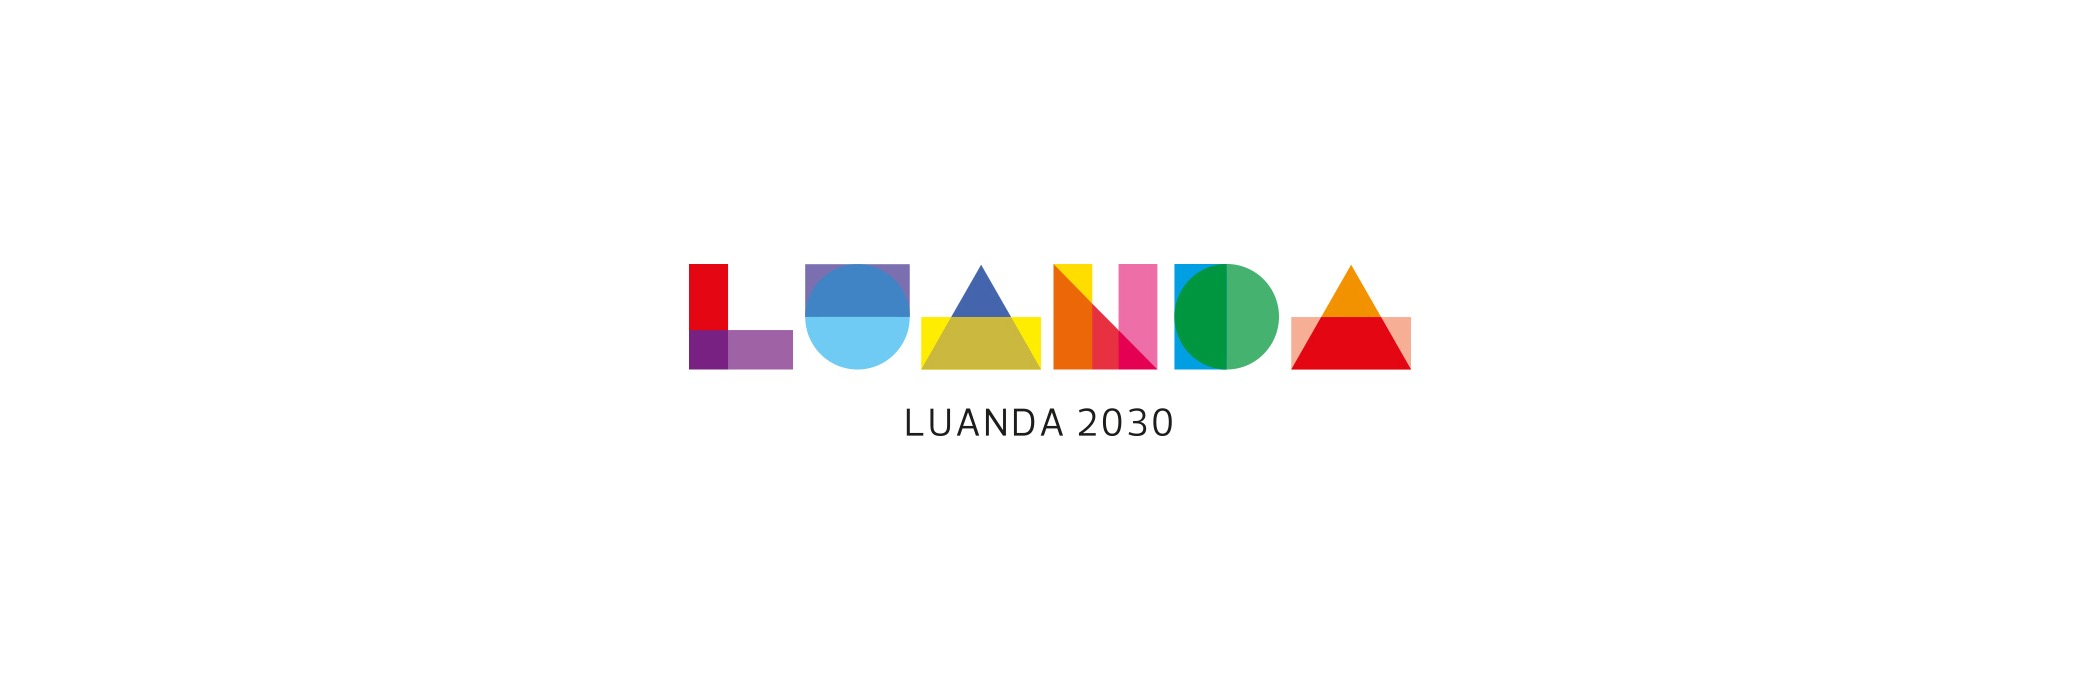 UMA-luanda-logo1